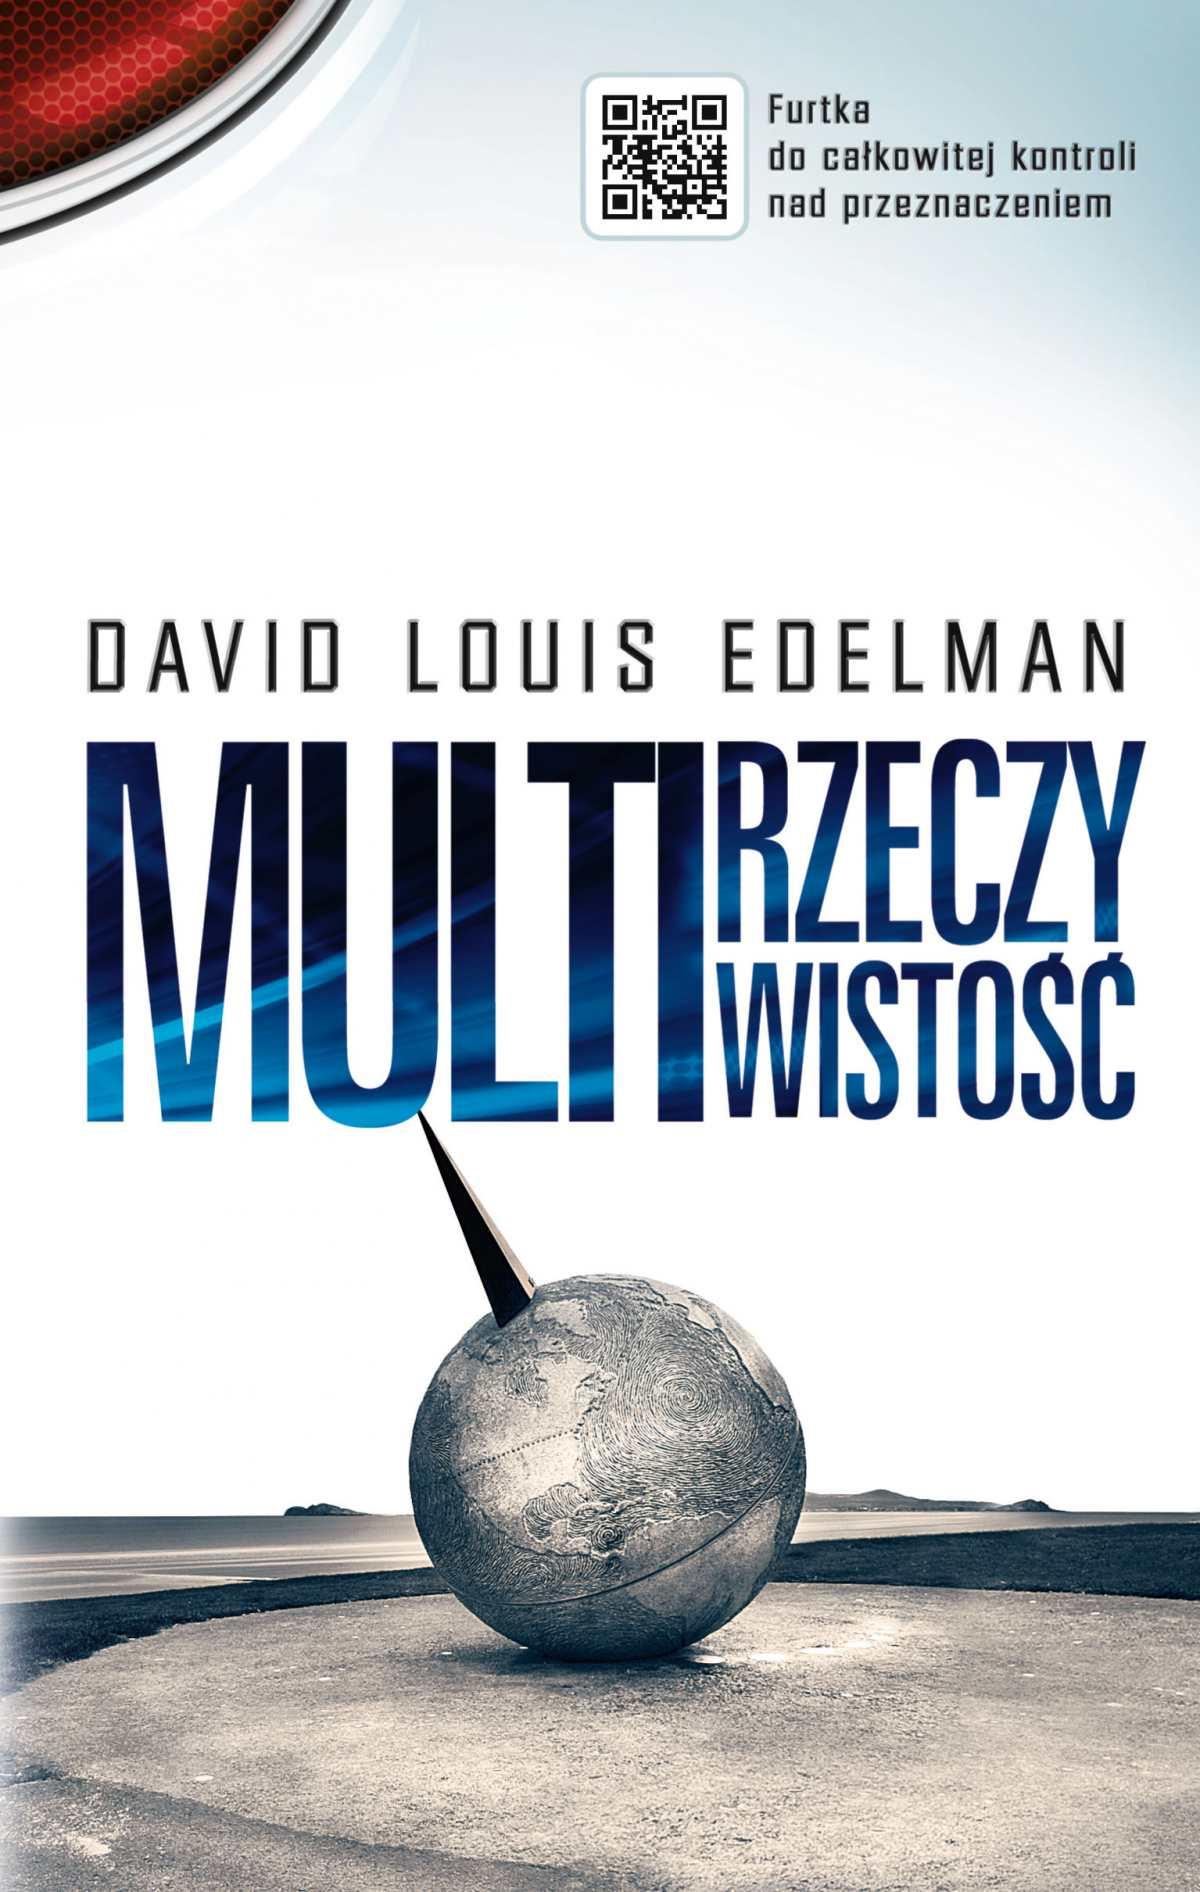 Multirzeczywistość - Ebook (Książka EPUB) do pobrania w formacie EPUB